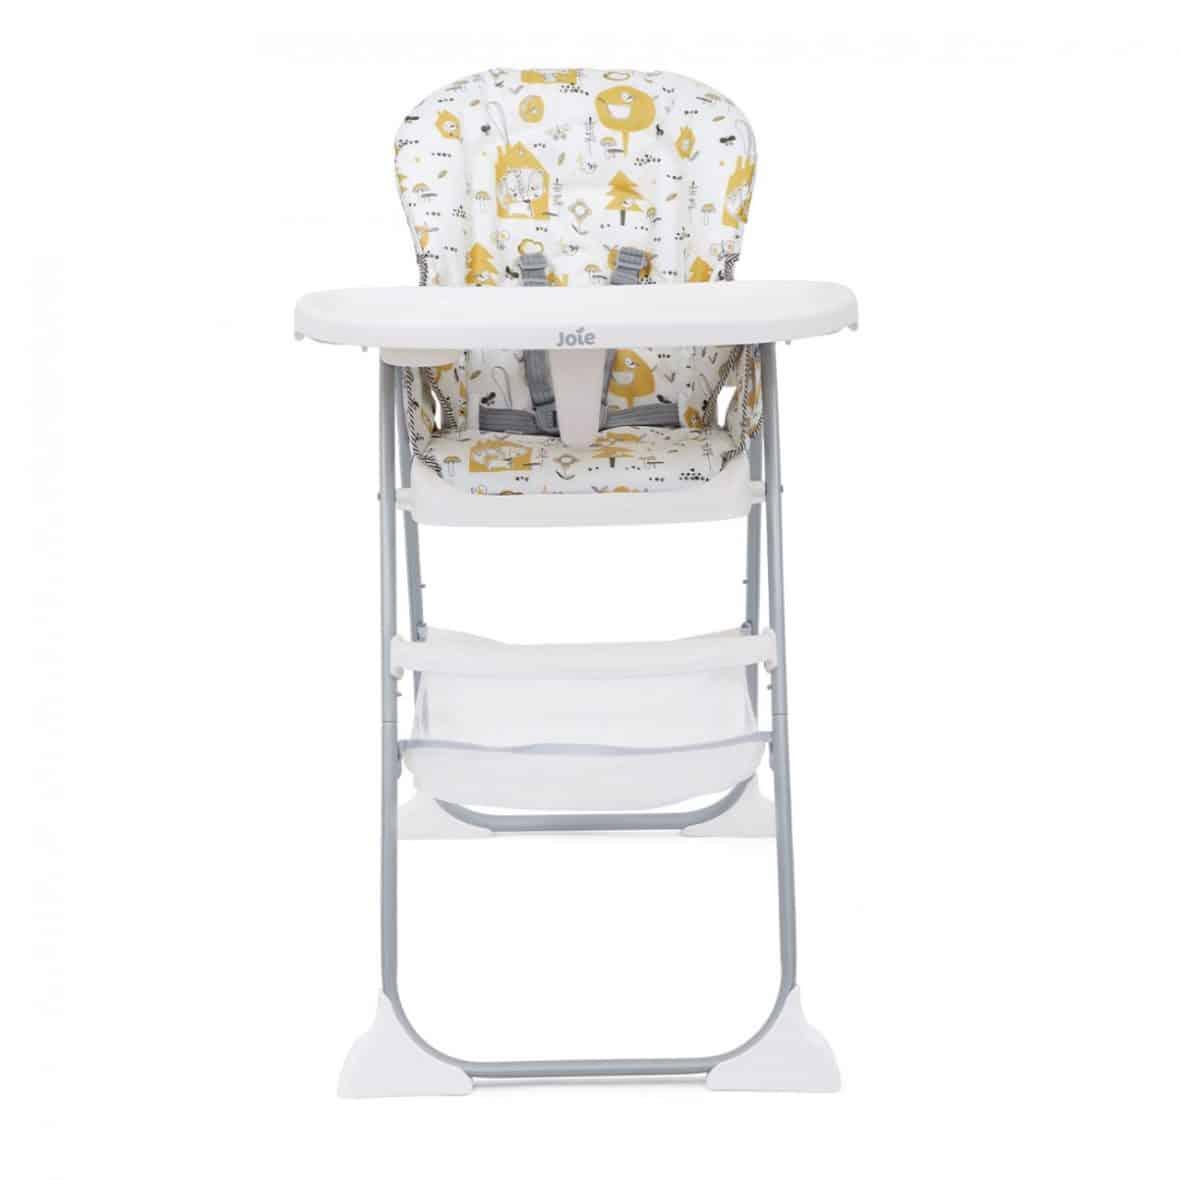 krzeselko-do-karmienia-joie-mimzy-snacker-coseyspaces-02